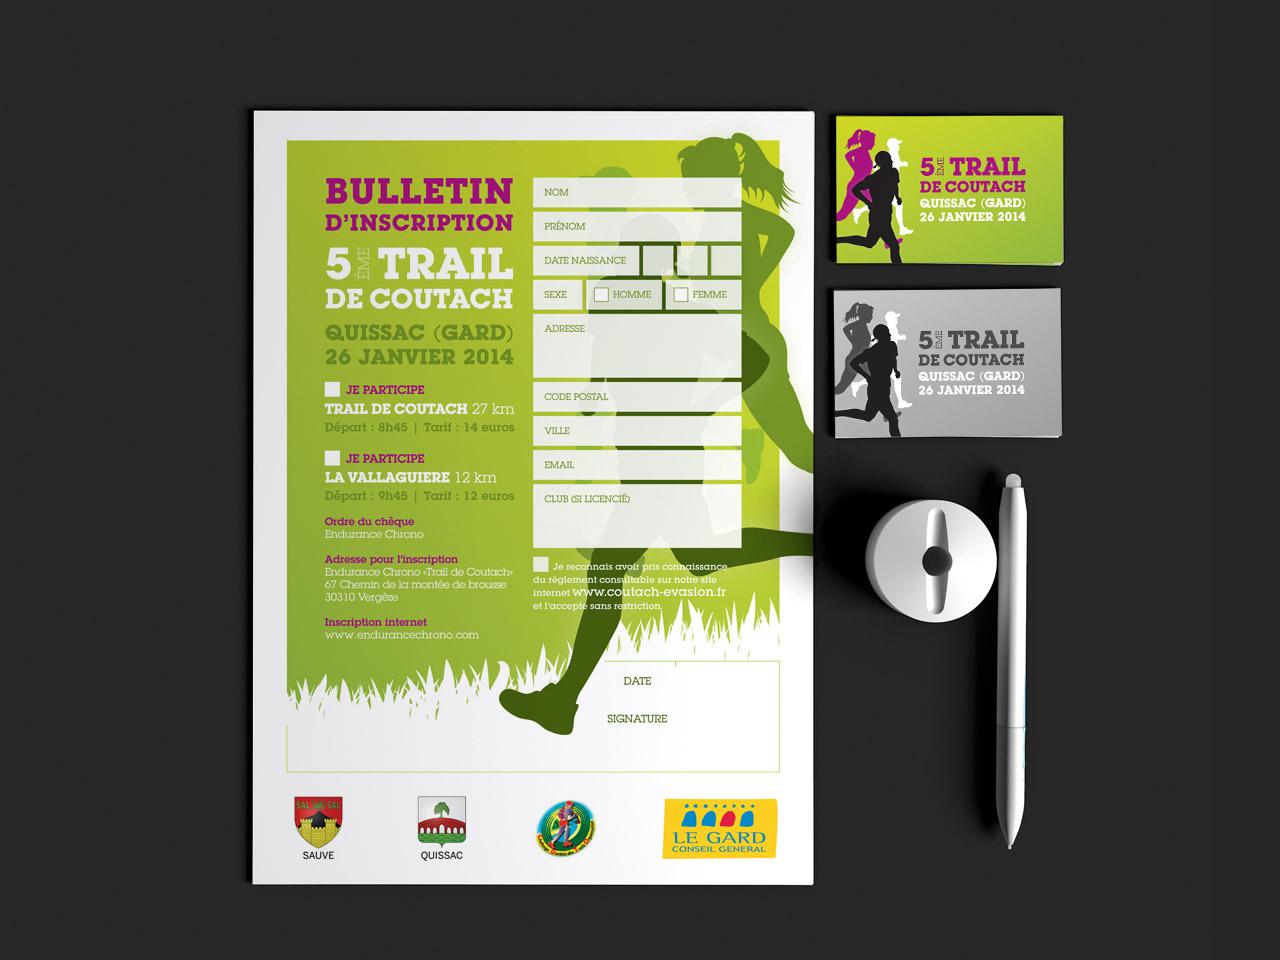 trail-de-coutach-bulletin-creation-communication-caconcept-alexis-cretin-graphiste